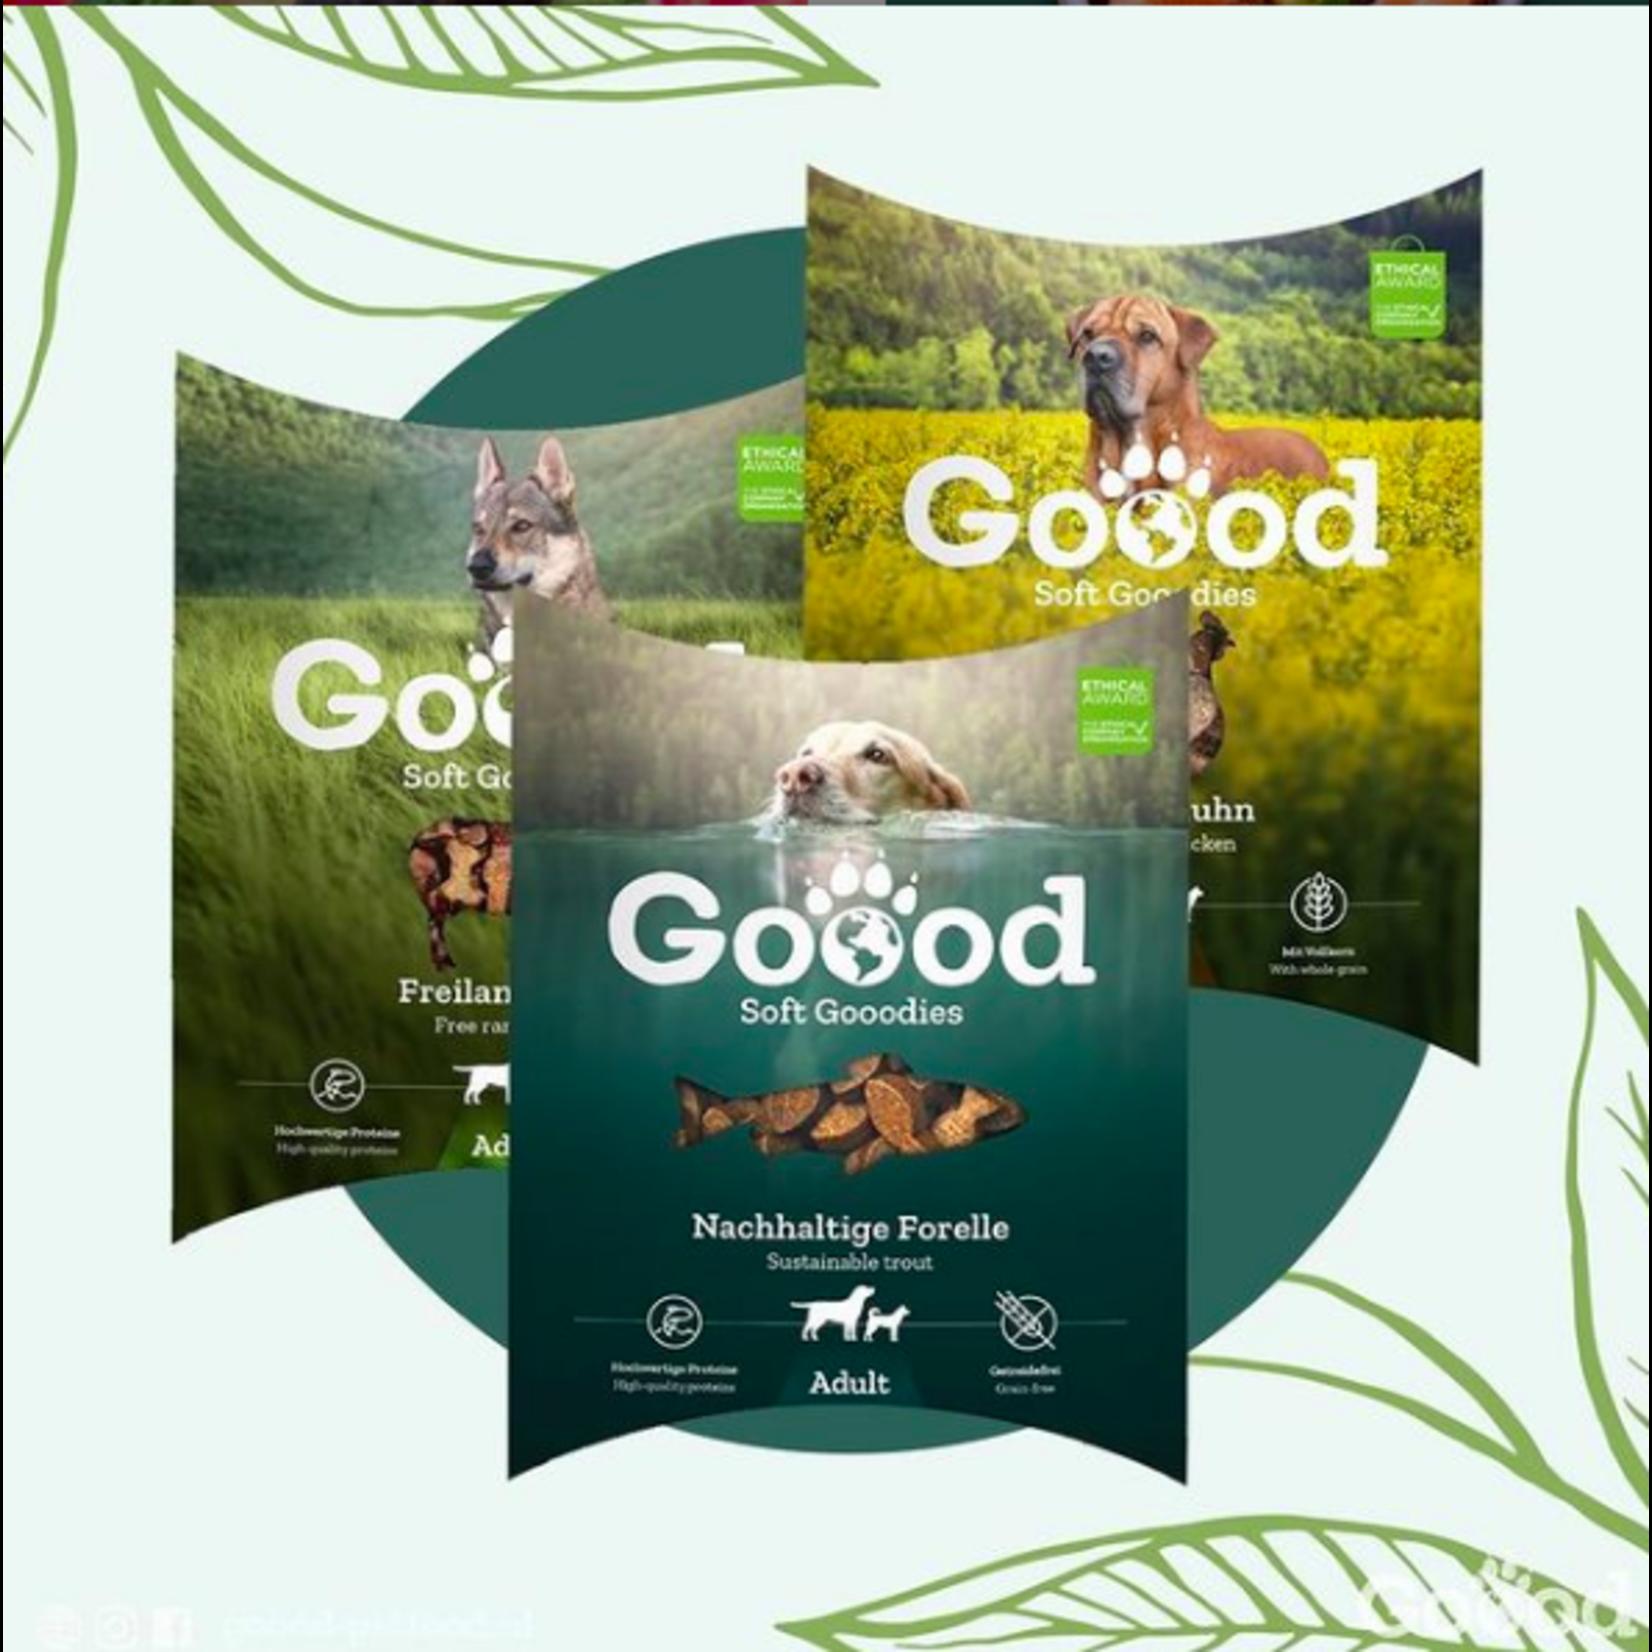 Goood Pet Food Gooodies, daar doet jouw hond alles voor!